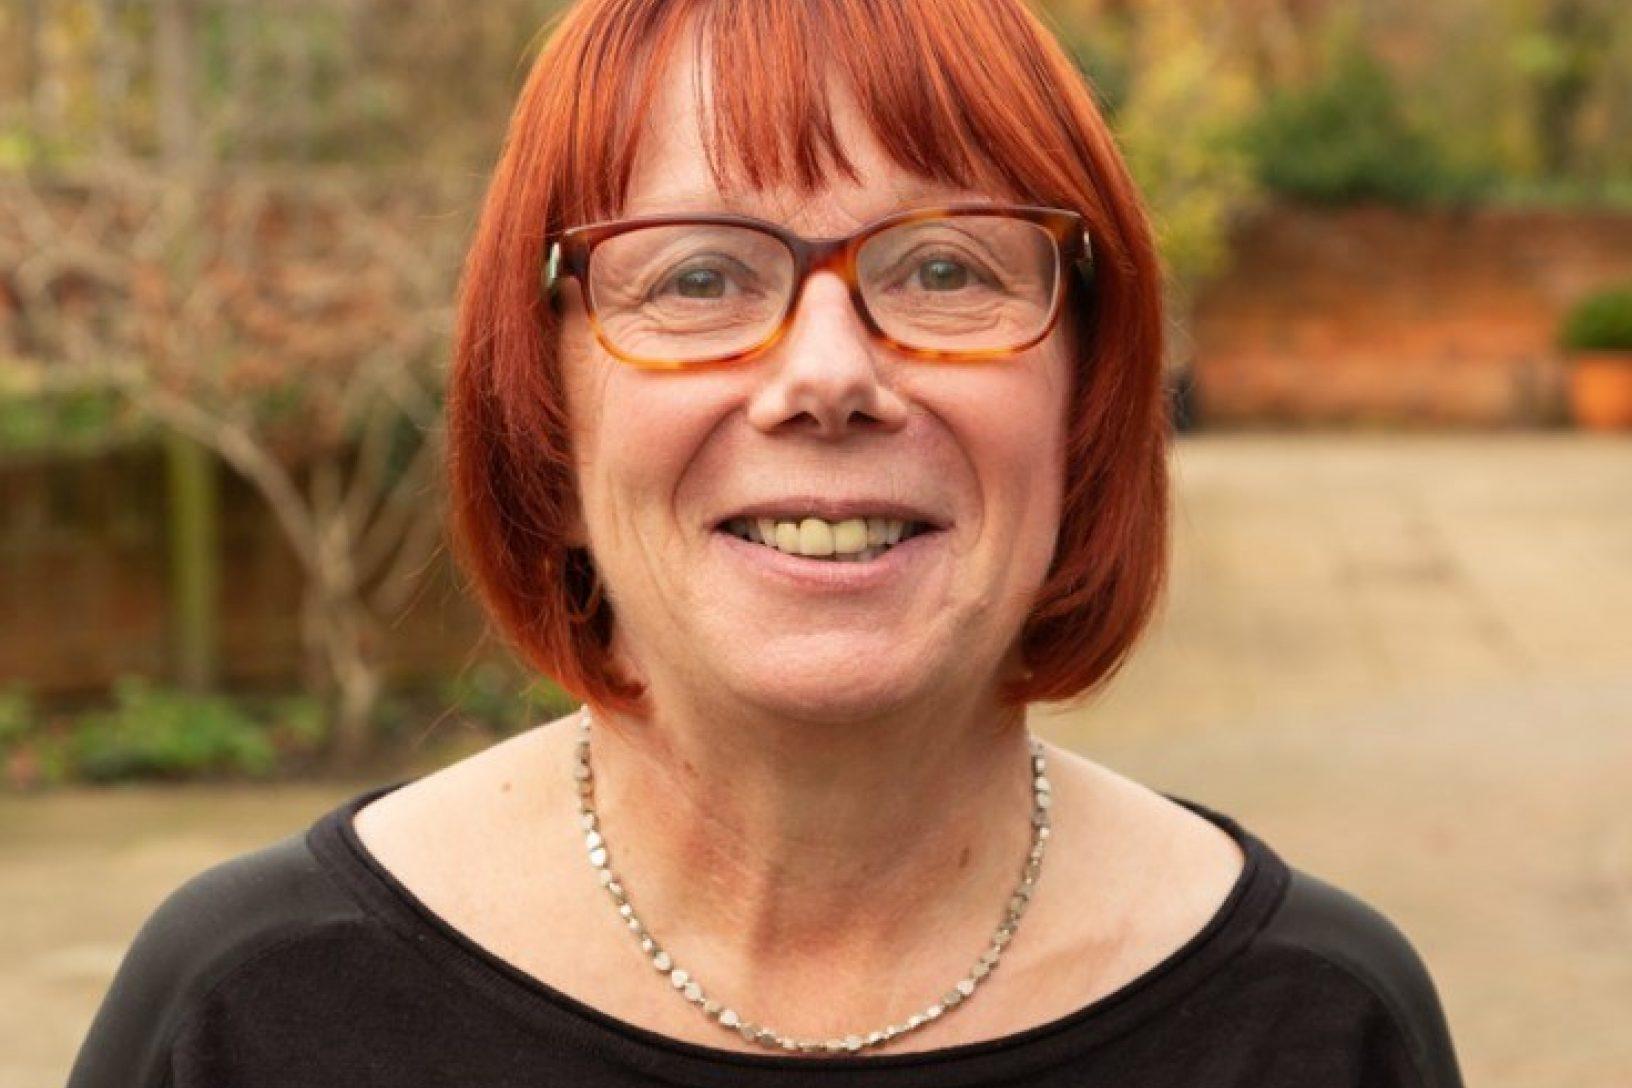 Shelley Frost